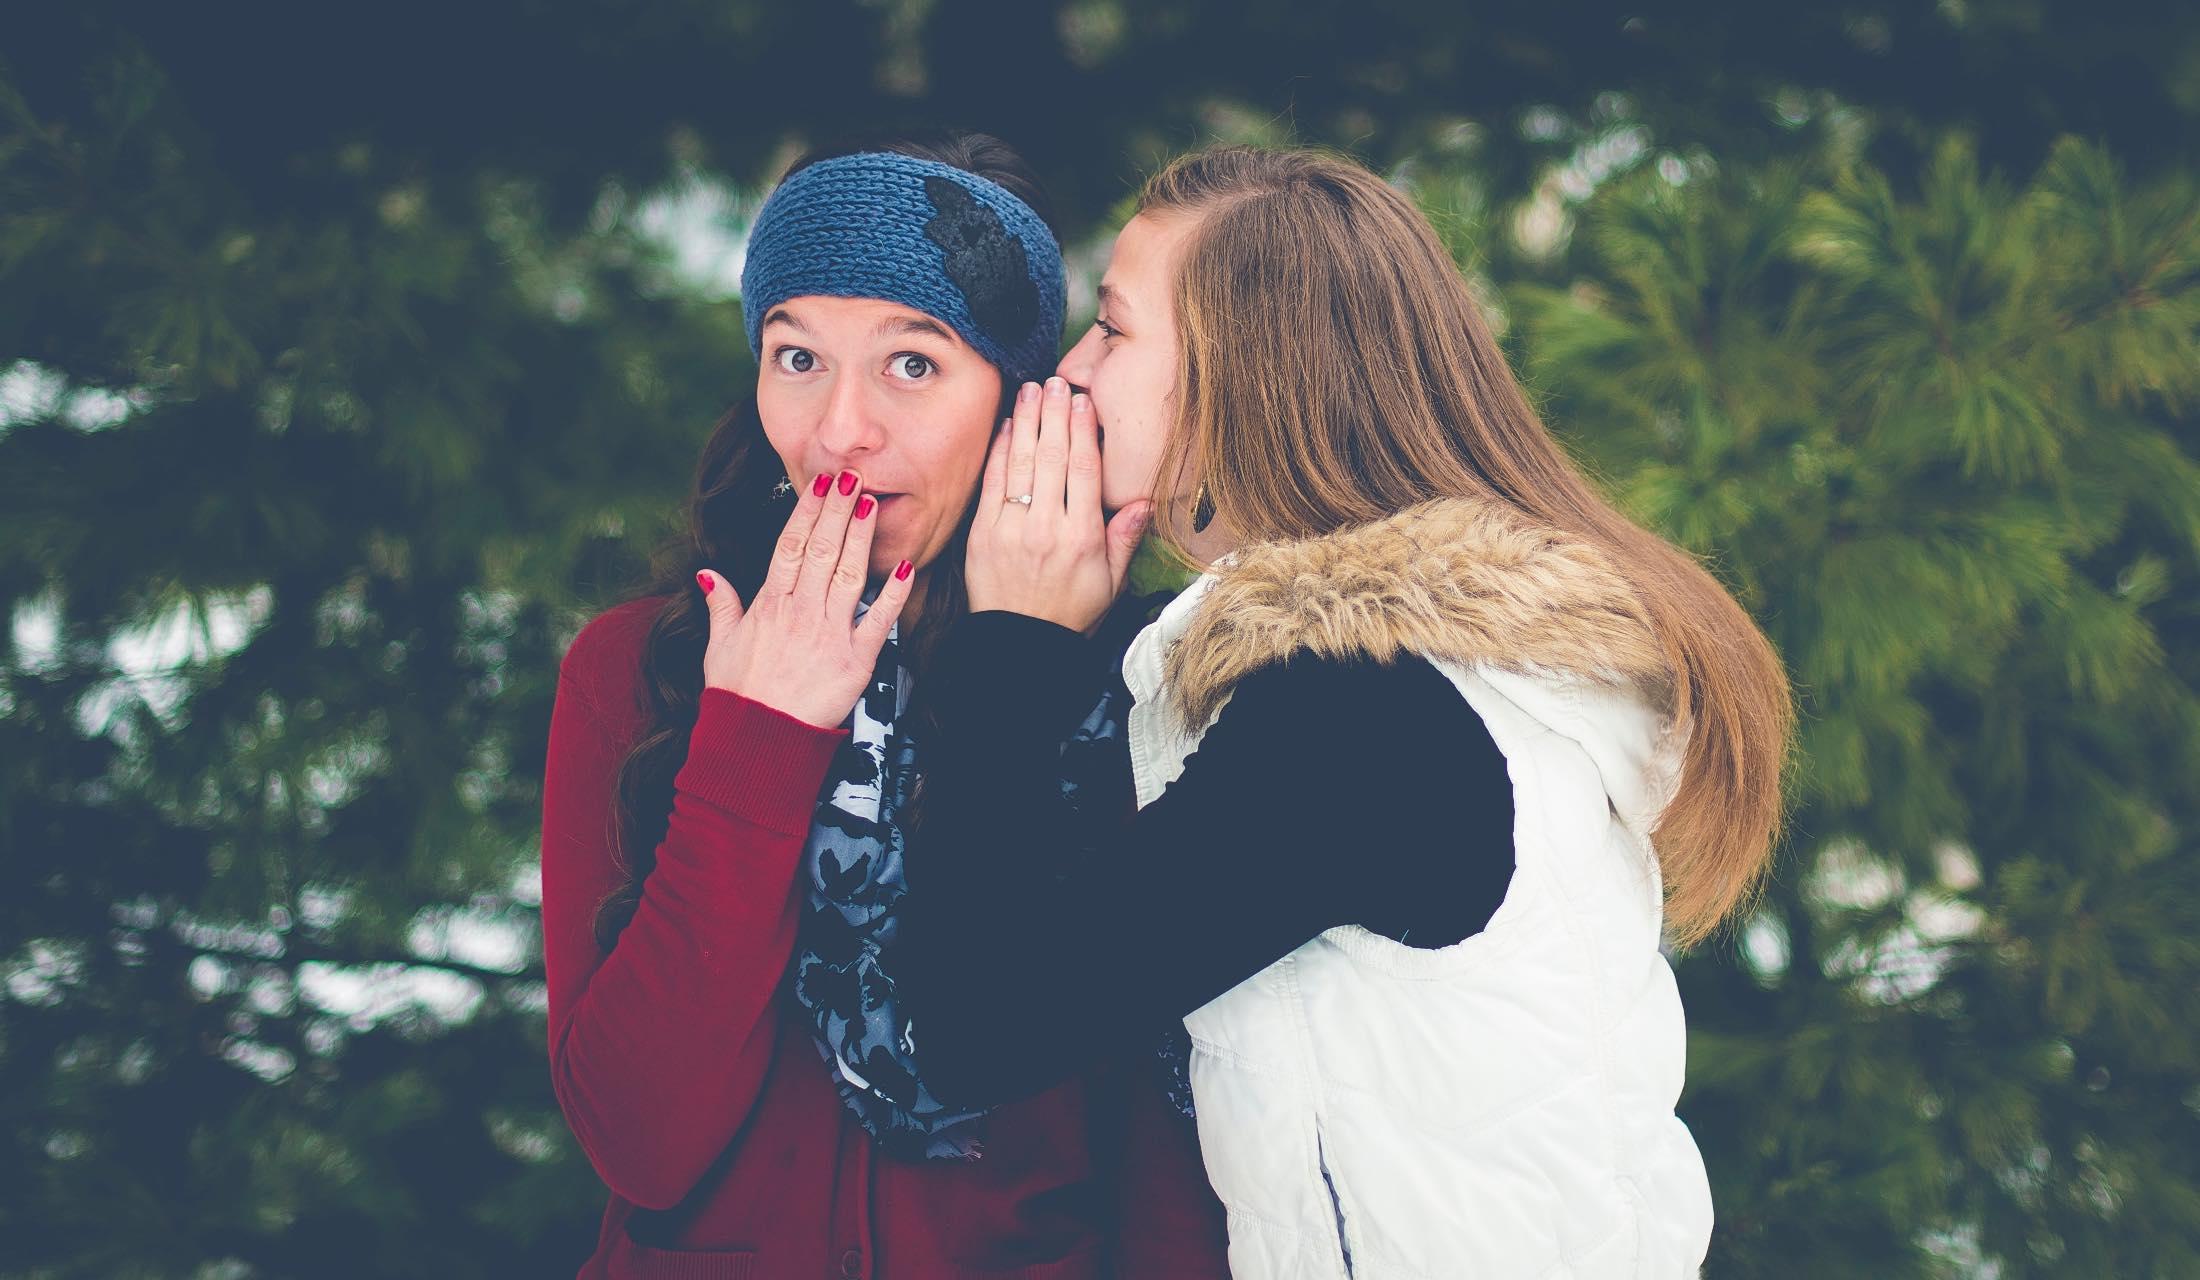 会話をしている女性二人